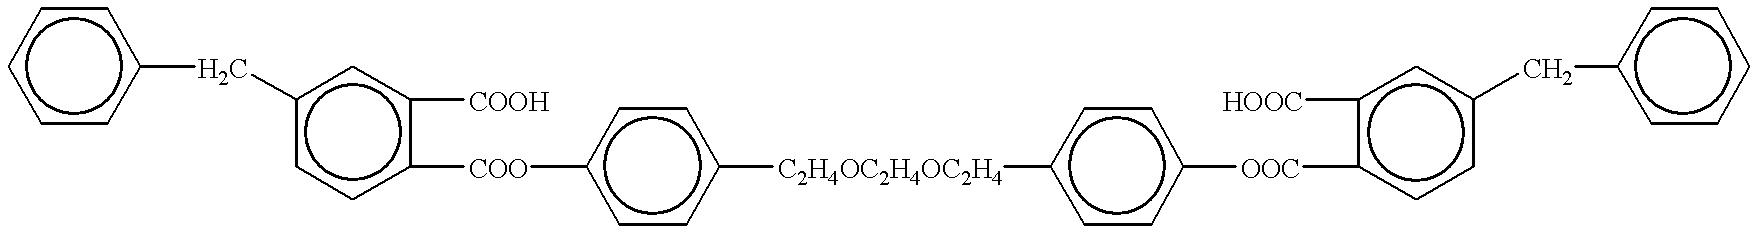 Figure US06180560-20010130-C00331